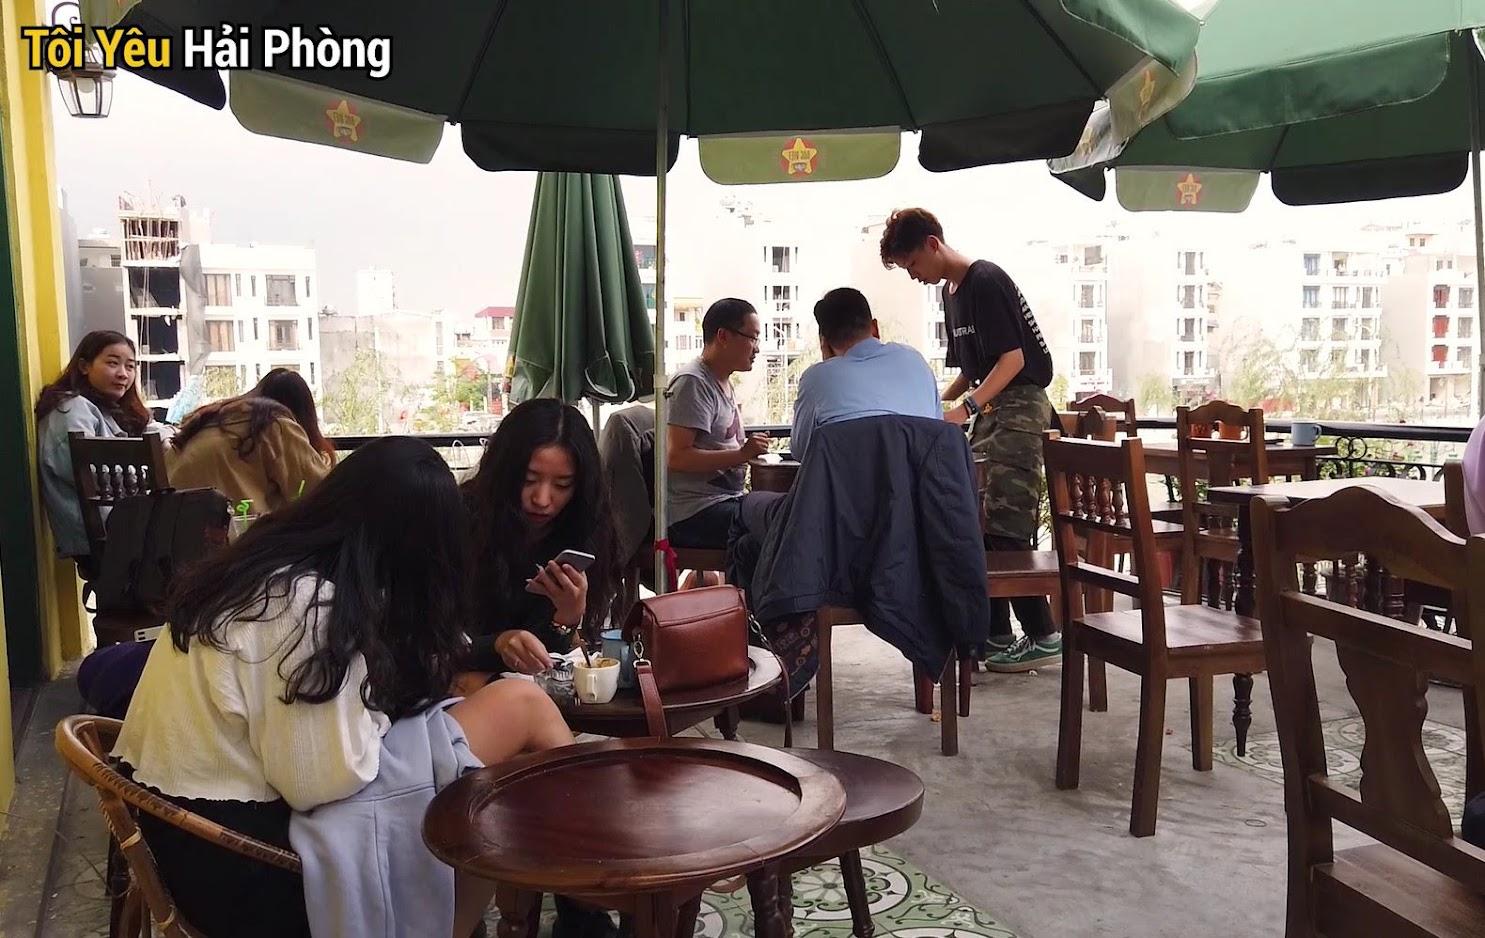 Cà phê view đẹp Bắc Việt phố đi bộ Tam Bạc ở Hải Phòng 5